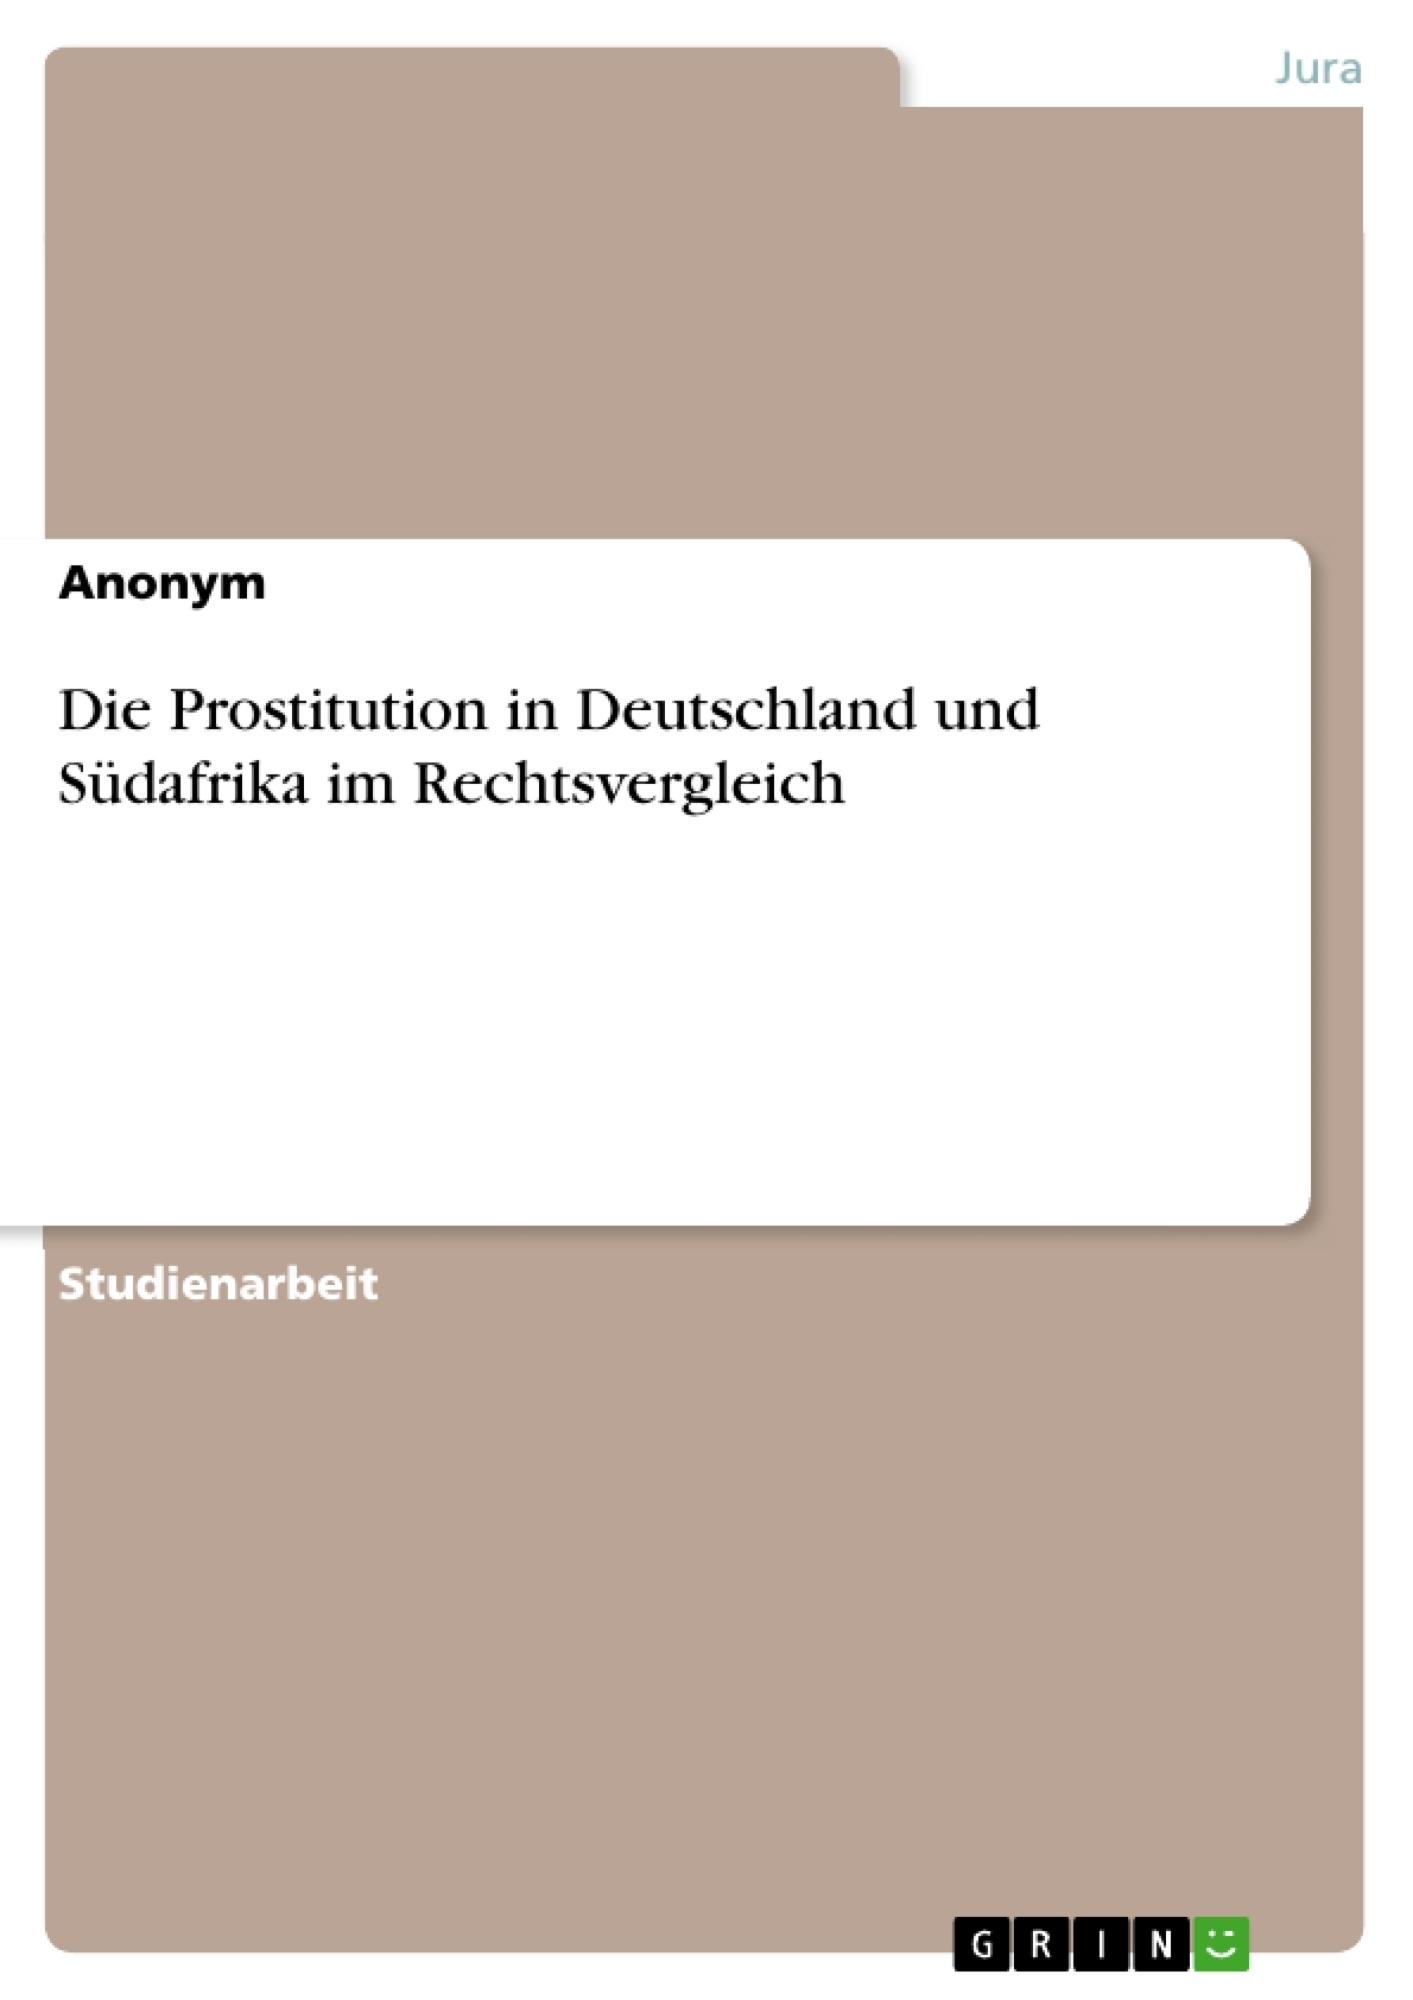 Titel: Die Prostitution in Deutschland und Südafrika im Rechtsvergleich